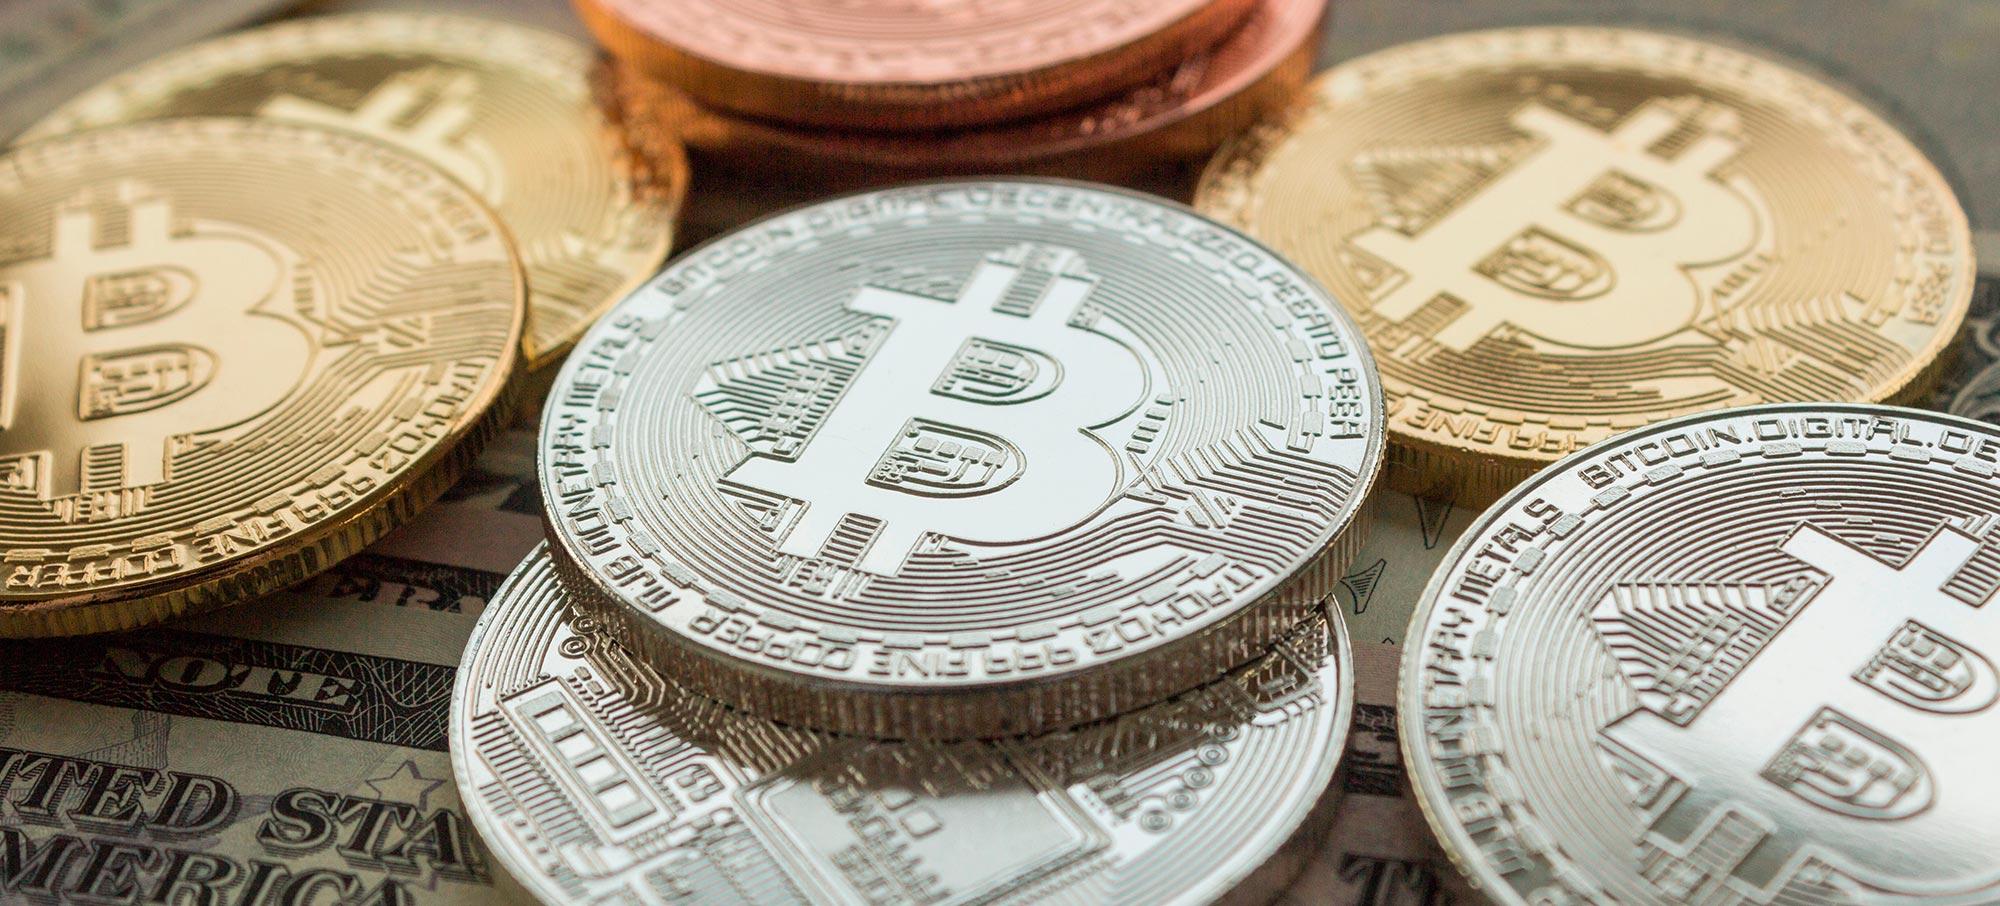 strohmeyer-law-houston-bitcoin-lawyer-2